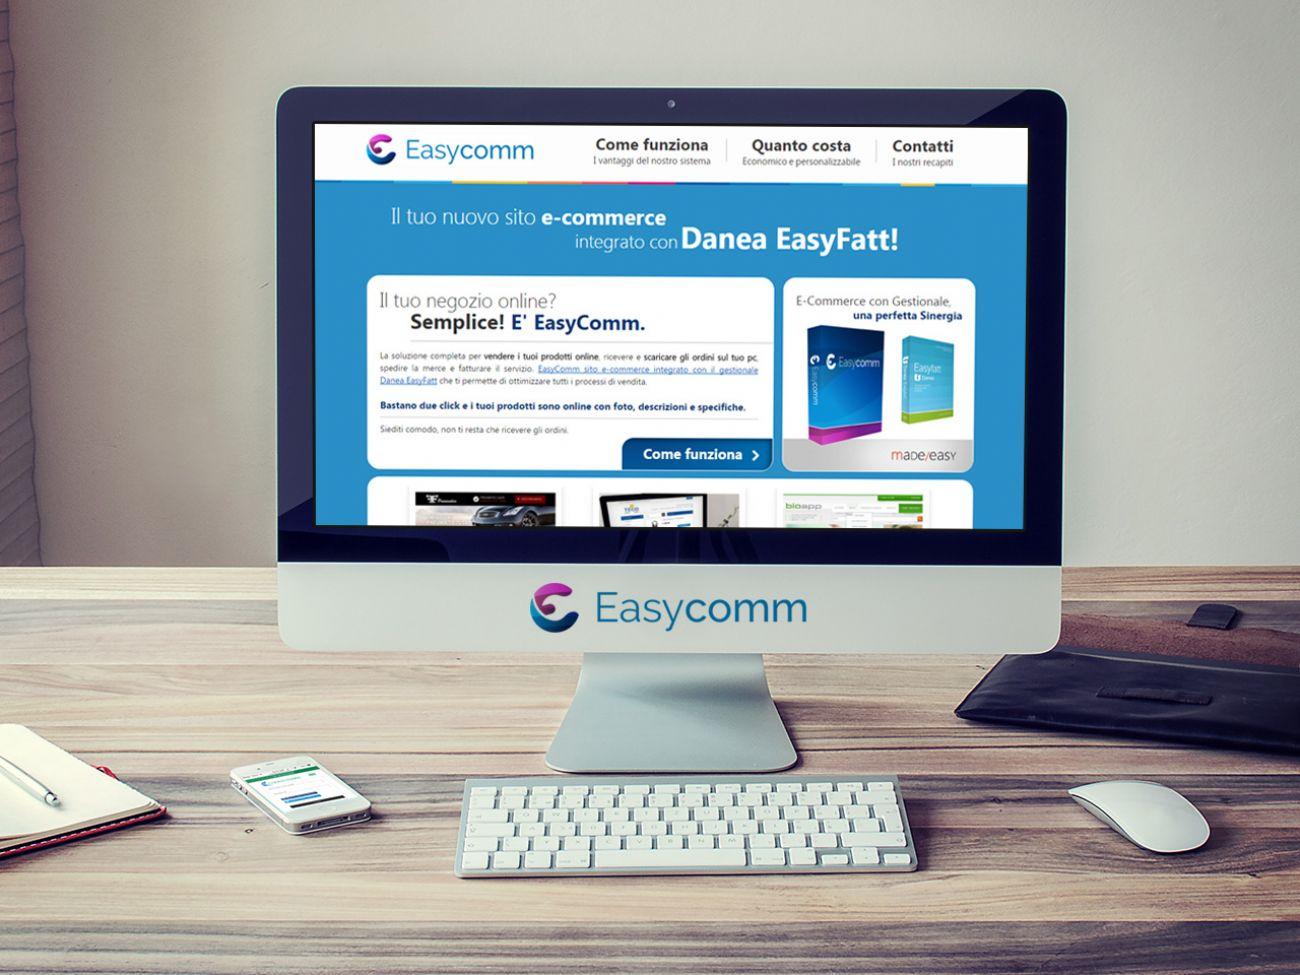 EasyComm e-commerce integrato Easyfatt